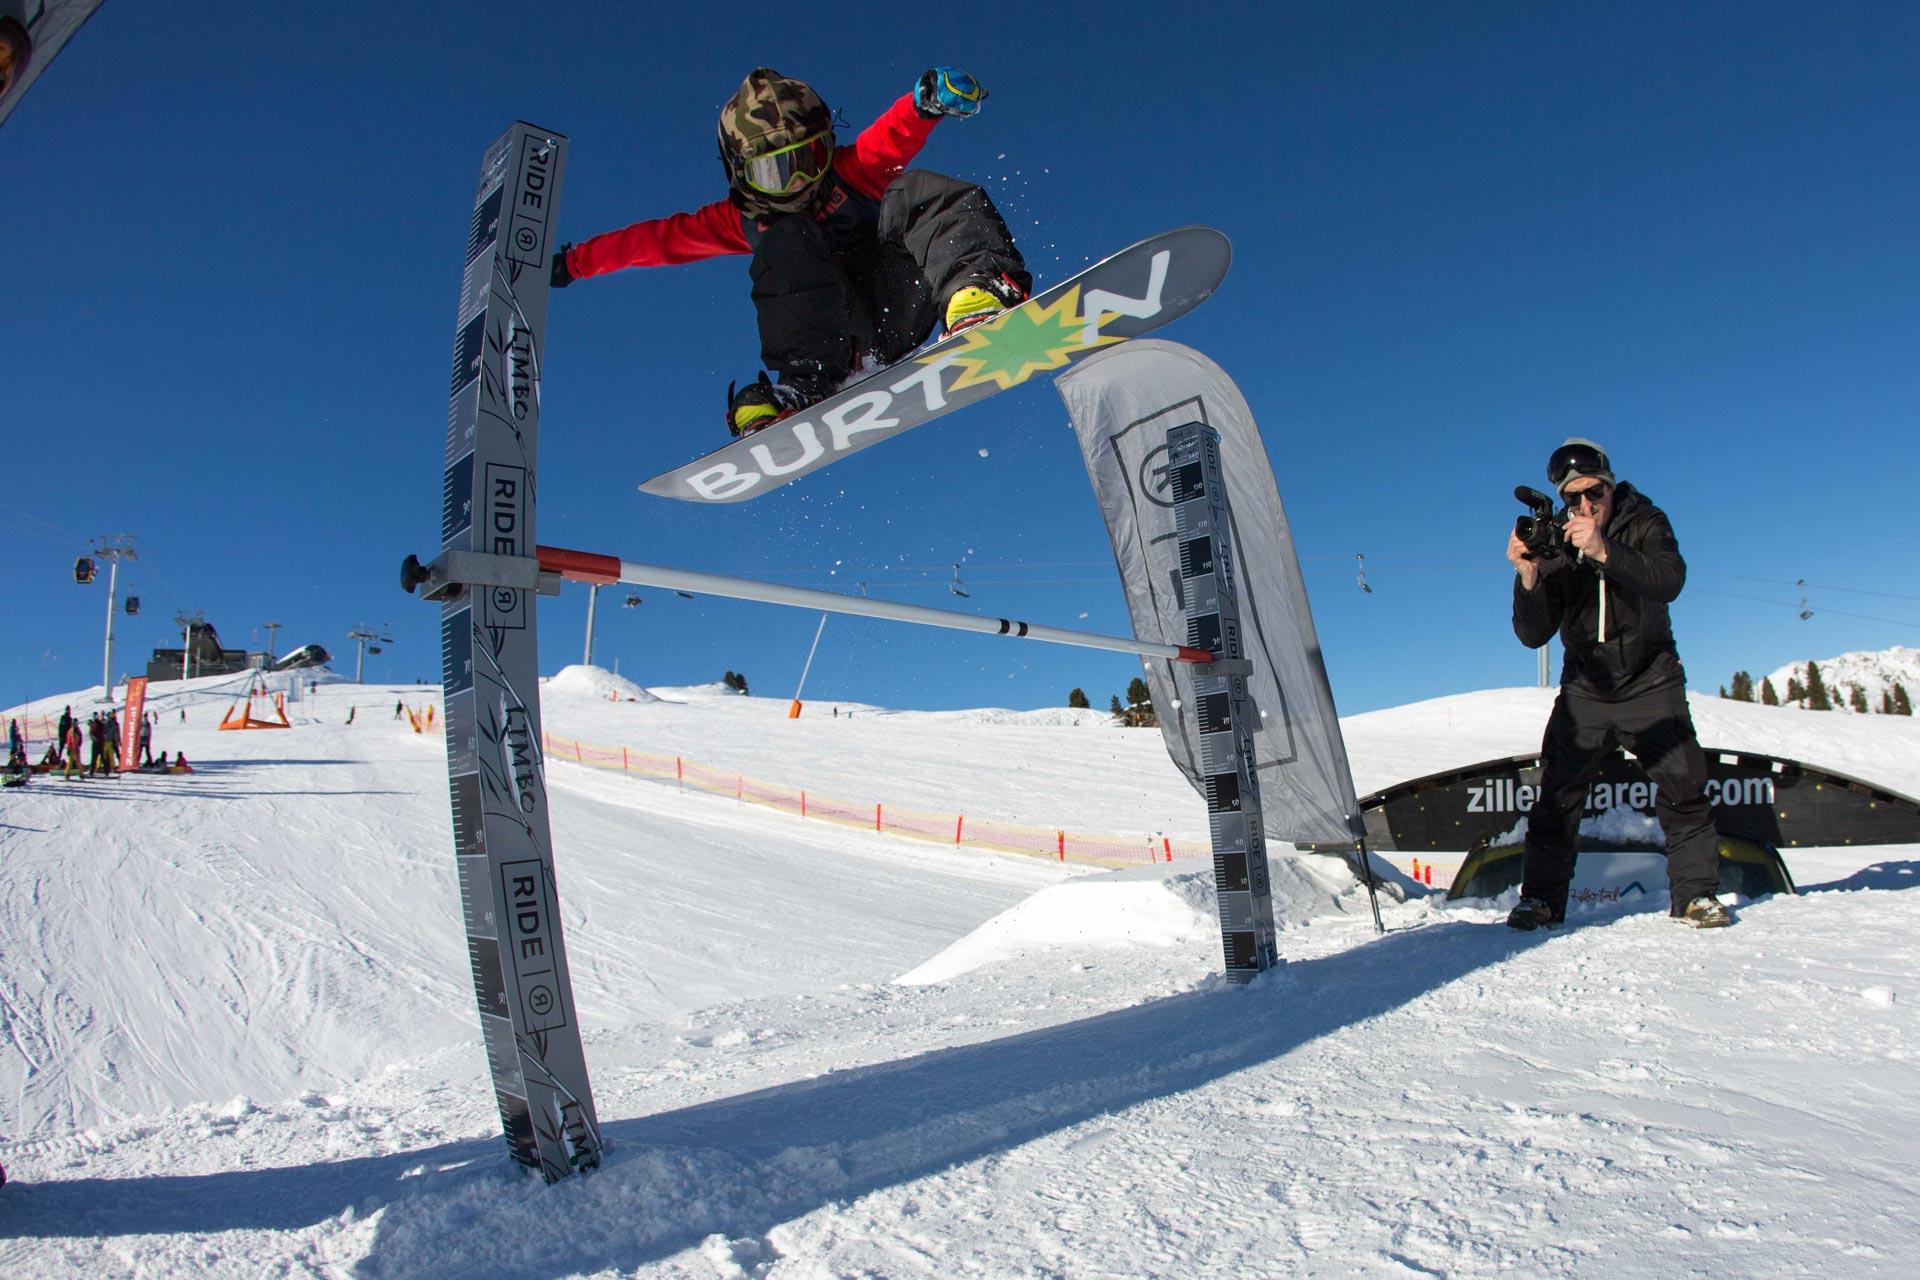 Highest Ollie Contest - Rider: Fabi - Foto: Matt McHattie